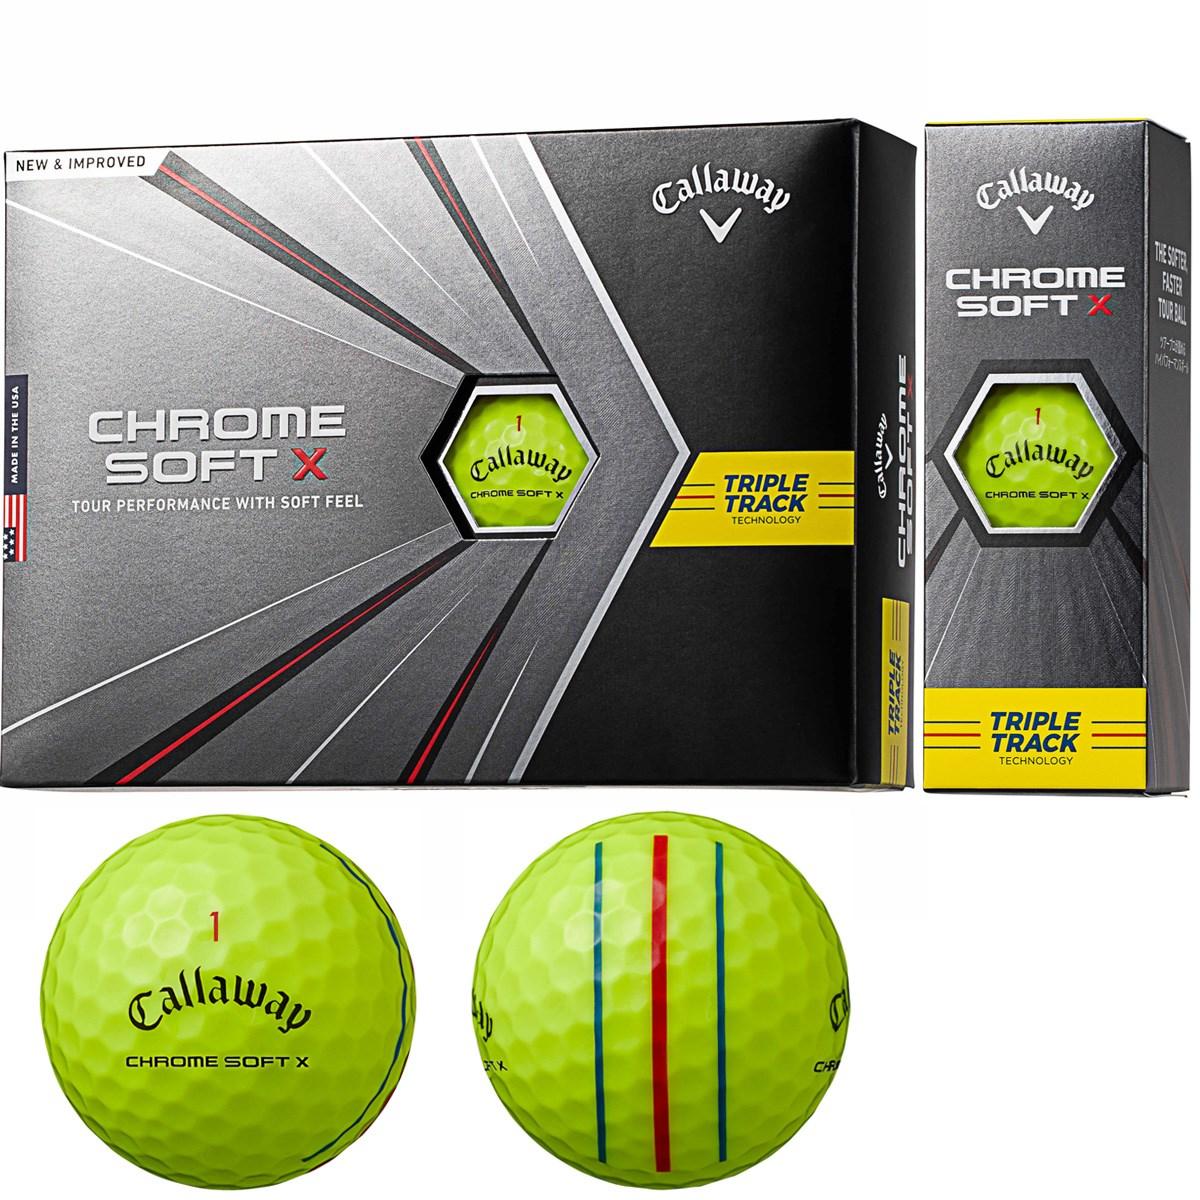 キャロウェイゴルフ CHROM SOFT CHROME SOFT X ボール 1ダース(12個入り) イエロー(トリプルトラック)